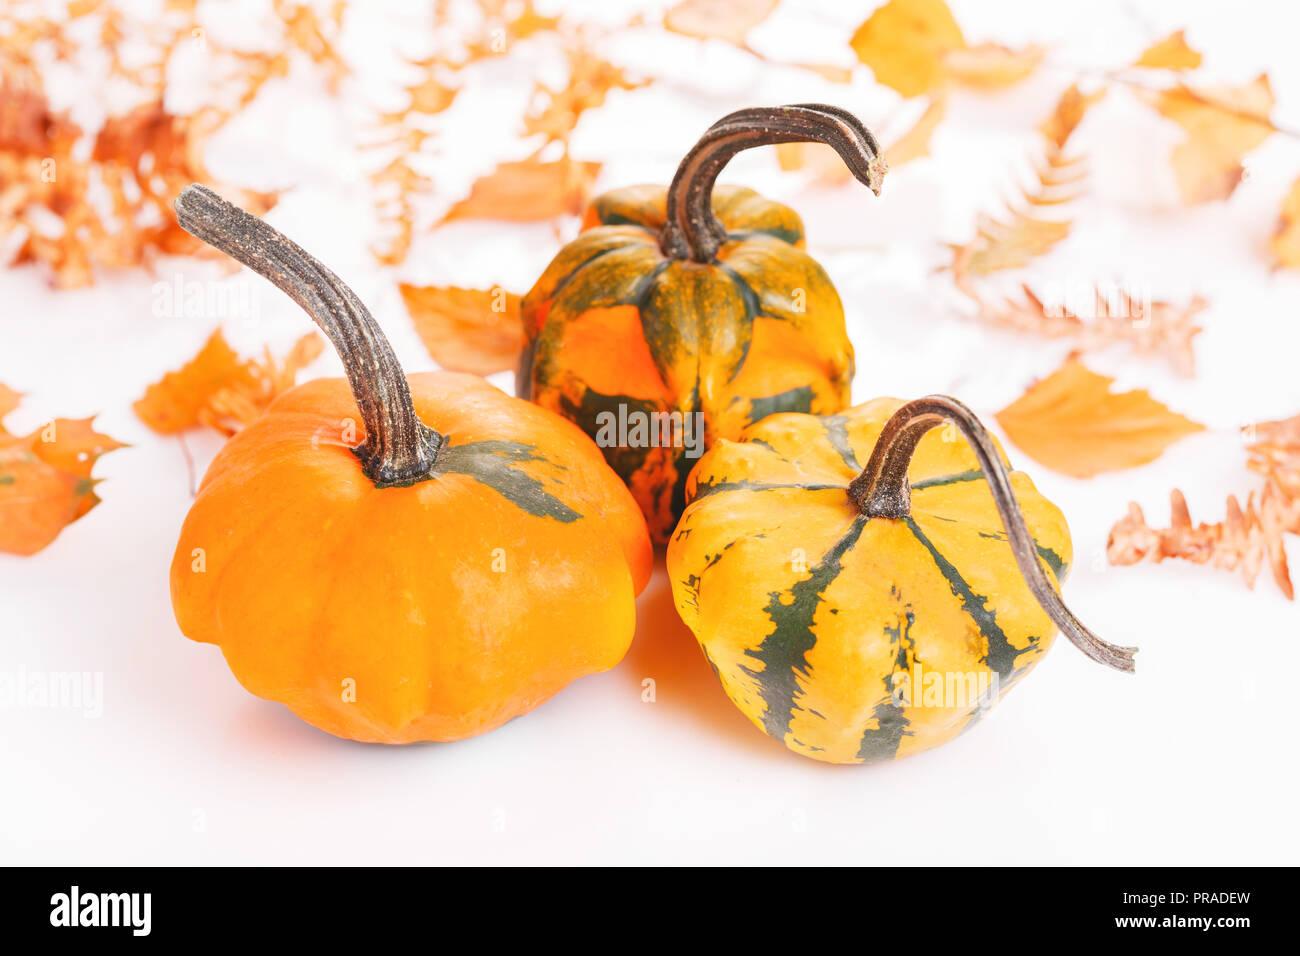 Zucca Halloween Essiccare.Composizione D Autunno Zucche Foglie Essiccate Su Sfondo Bianco